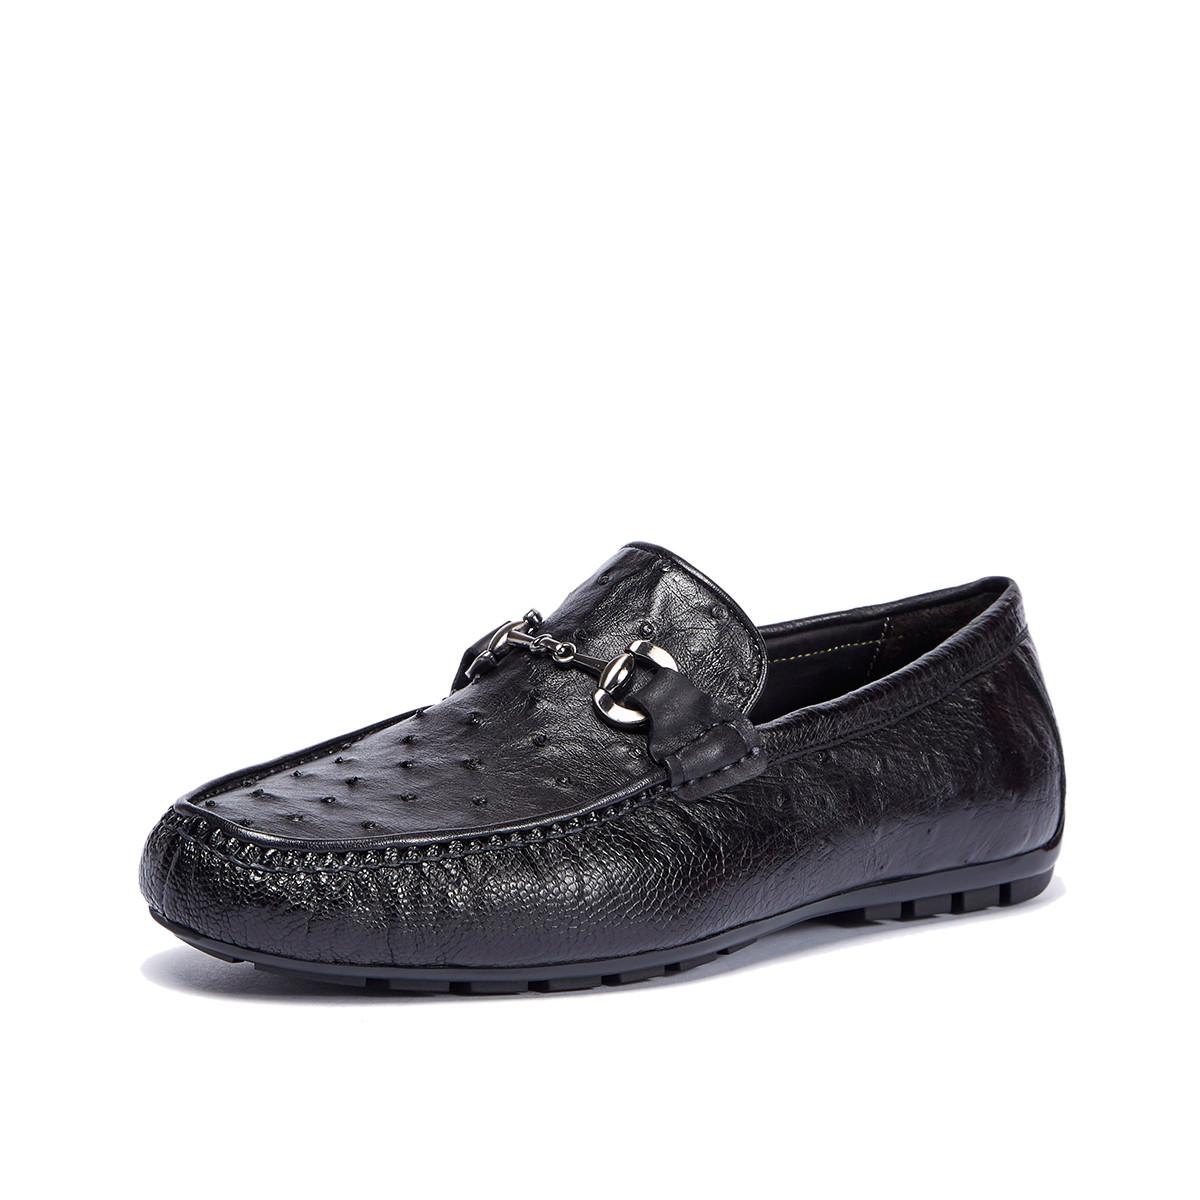 迪宝·阿治奥2019新款 擦色真鸵鸟皮豆豆鞋男鞋男士商务皮鞋男士皮鞋DJ1A2114011J